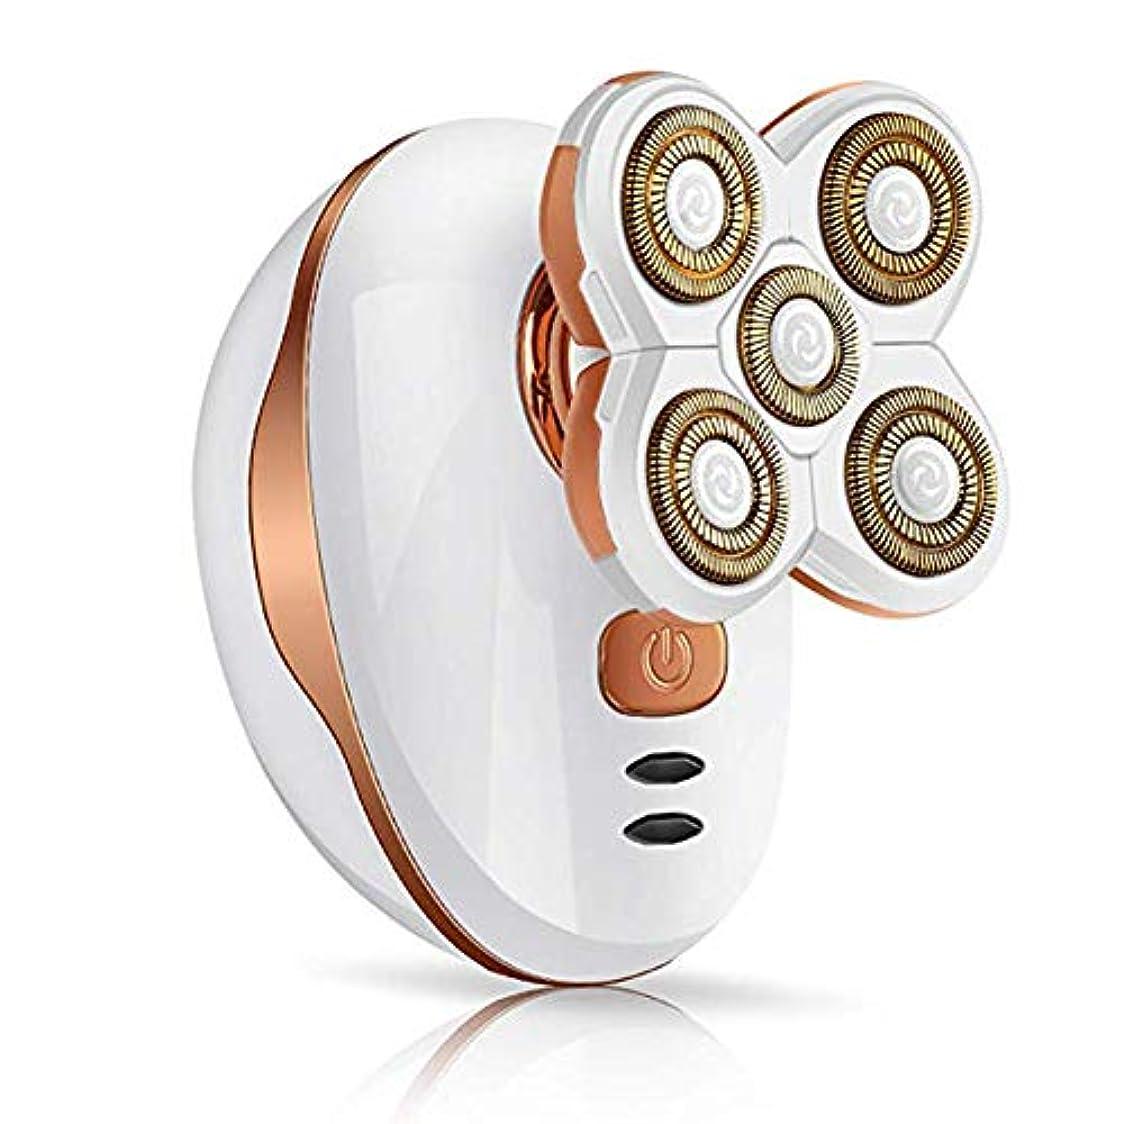 緩やかなすすり泣き休眠5フローティングヘッドウェットドライ電気ロータリーシェーバー、コードレス防水かみそりはげ頭シェーバー、旅行や家庭用の高速USB再充電セキュリティロックモード